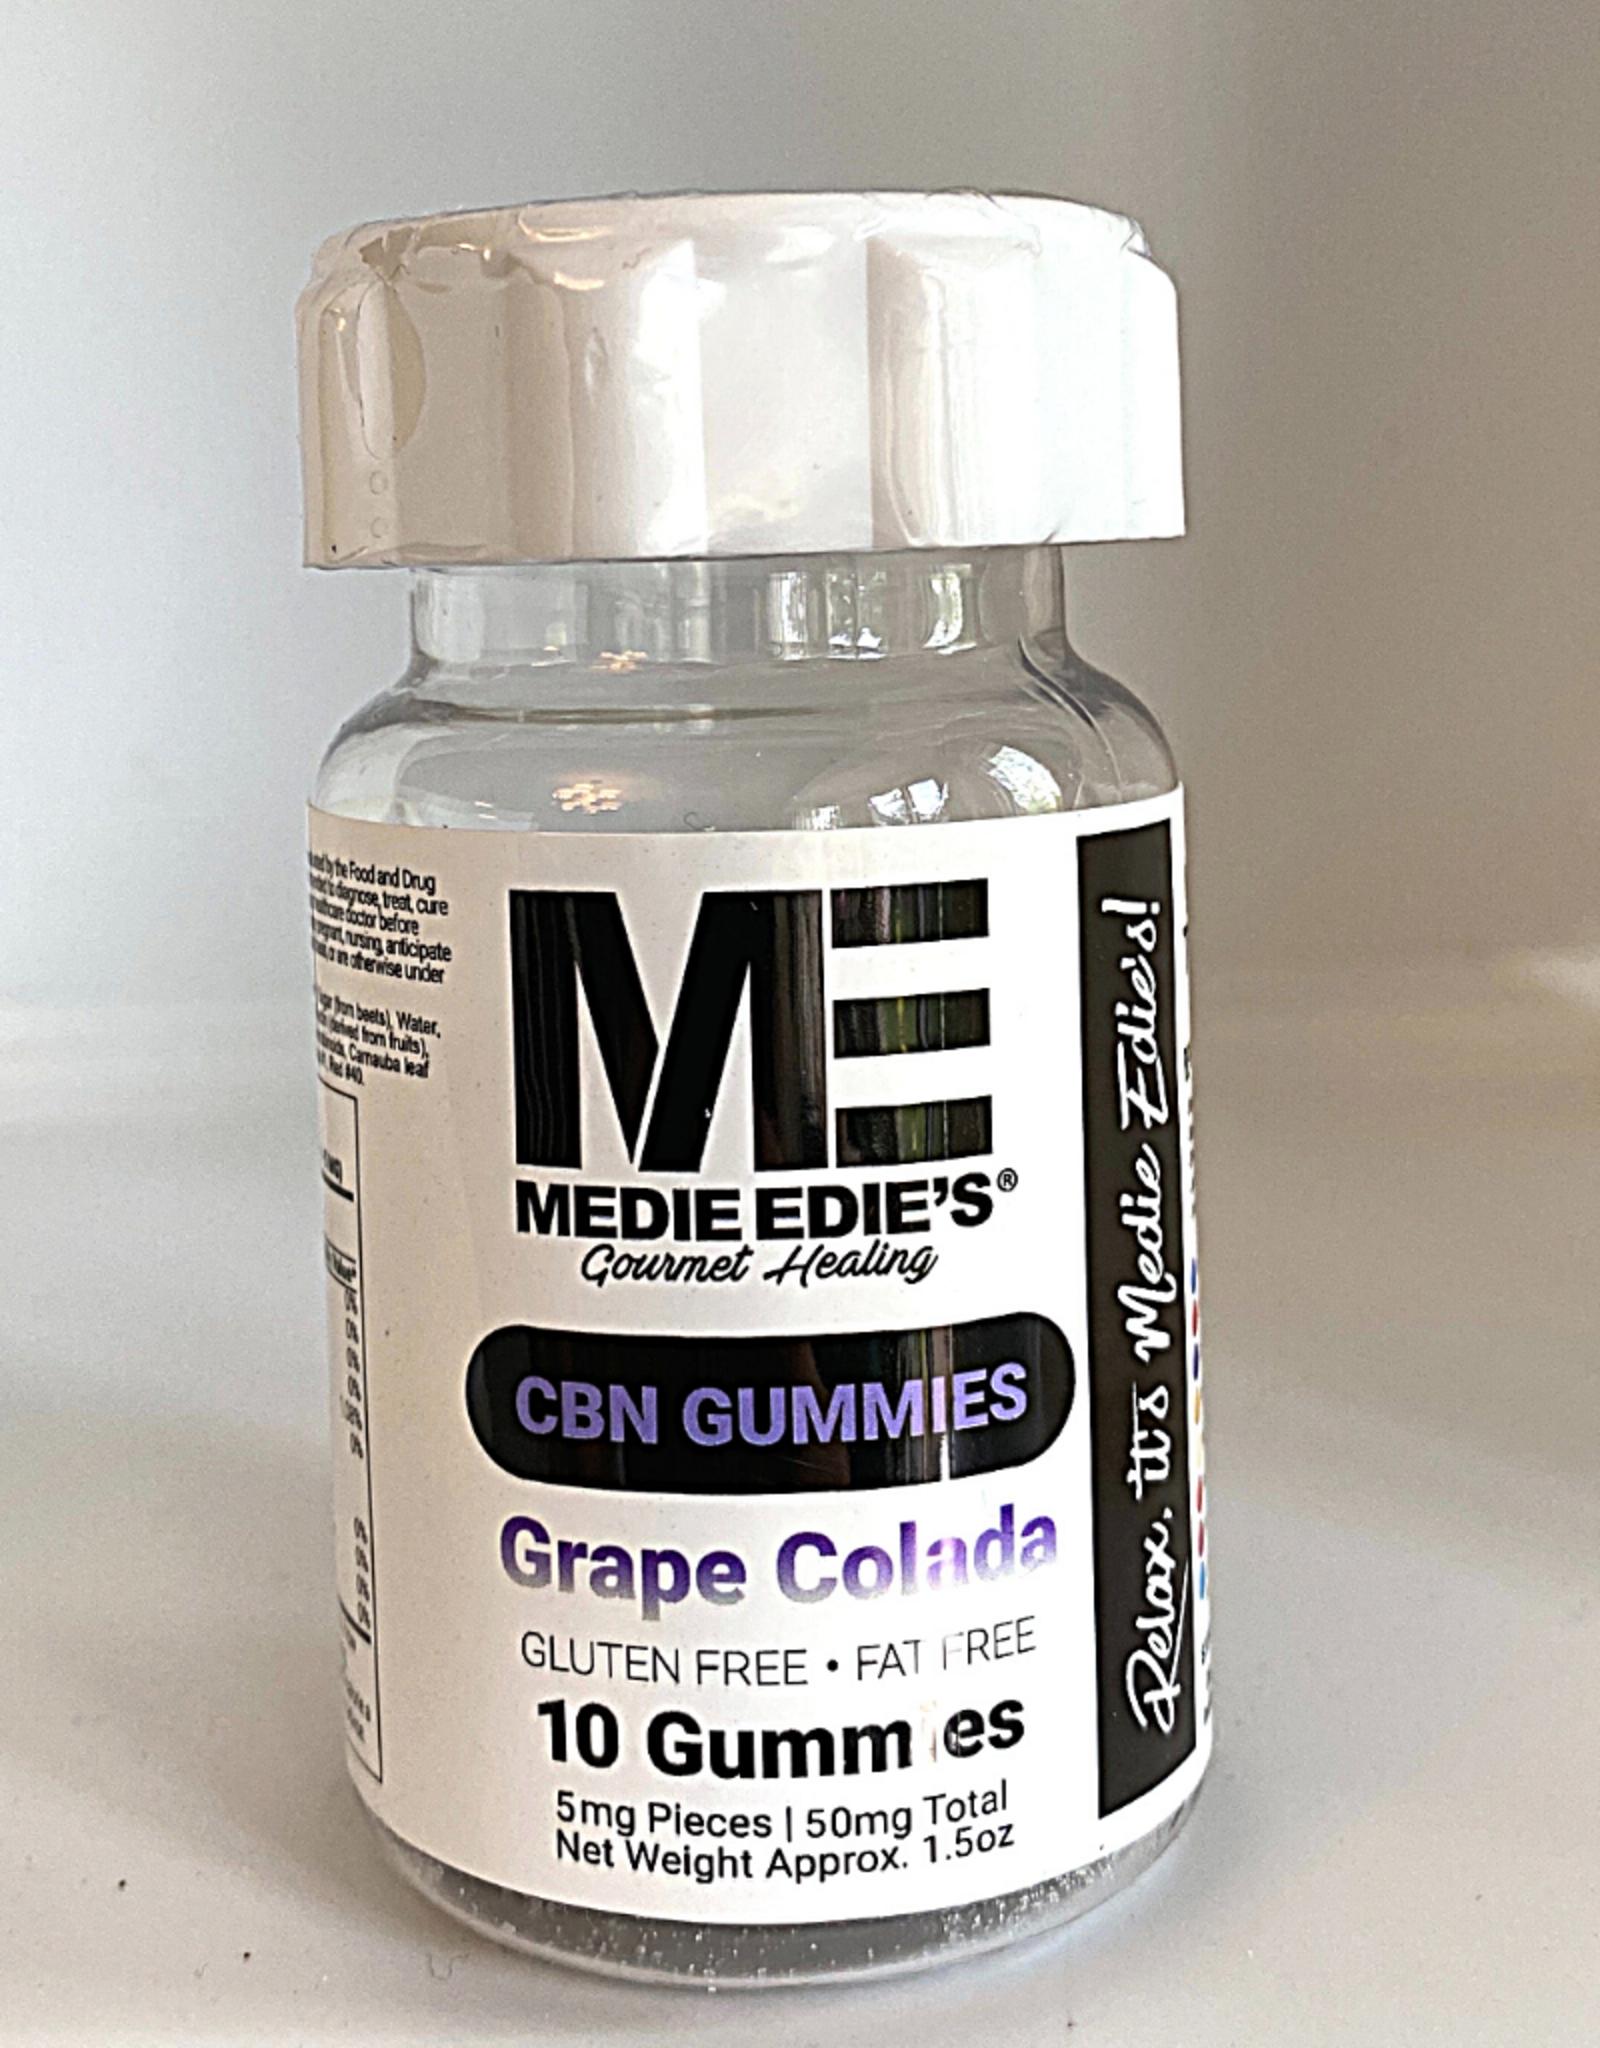 Medie Edie's Medie Edie's 10ct CBN Gummies Grape Colada- 5mg.50mg